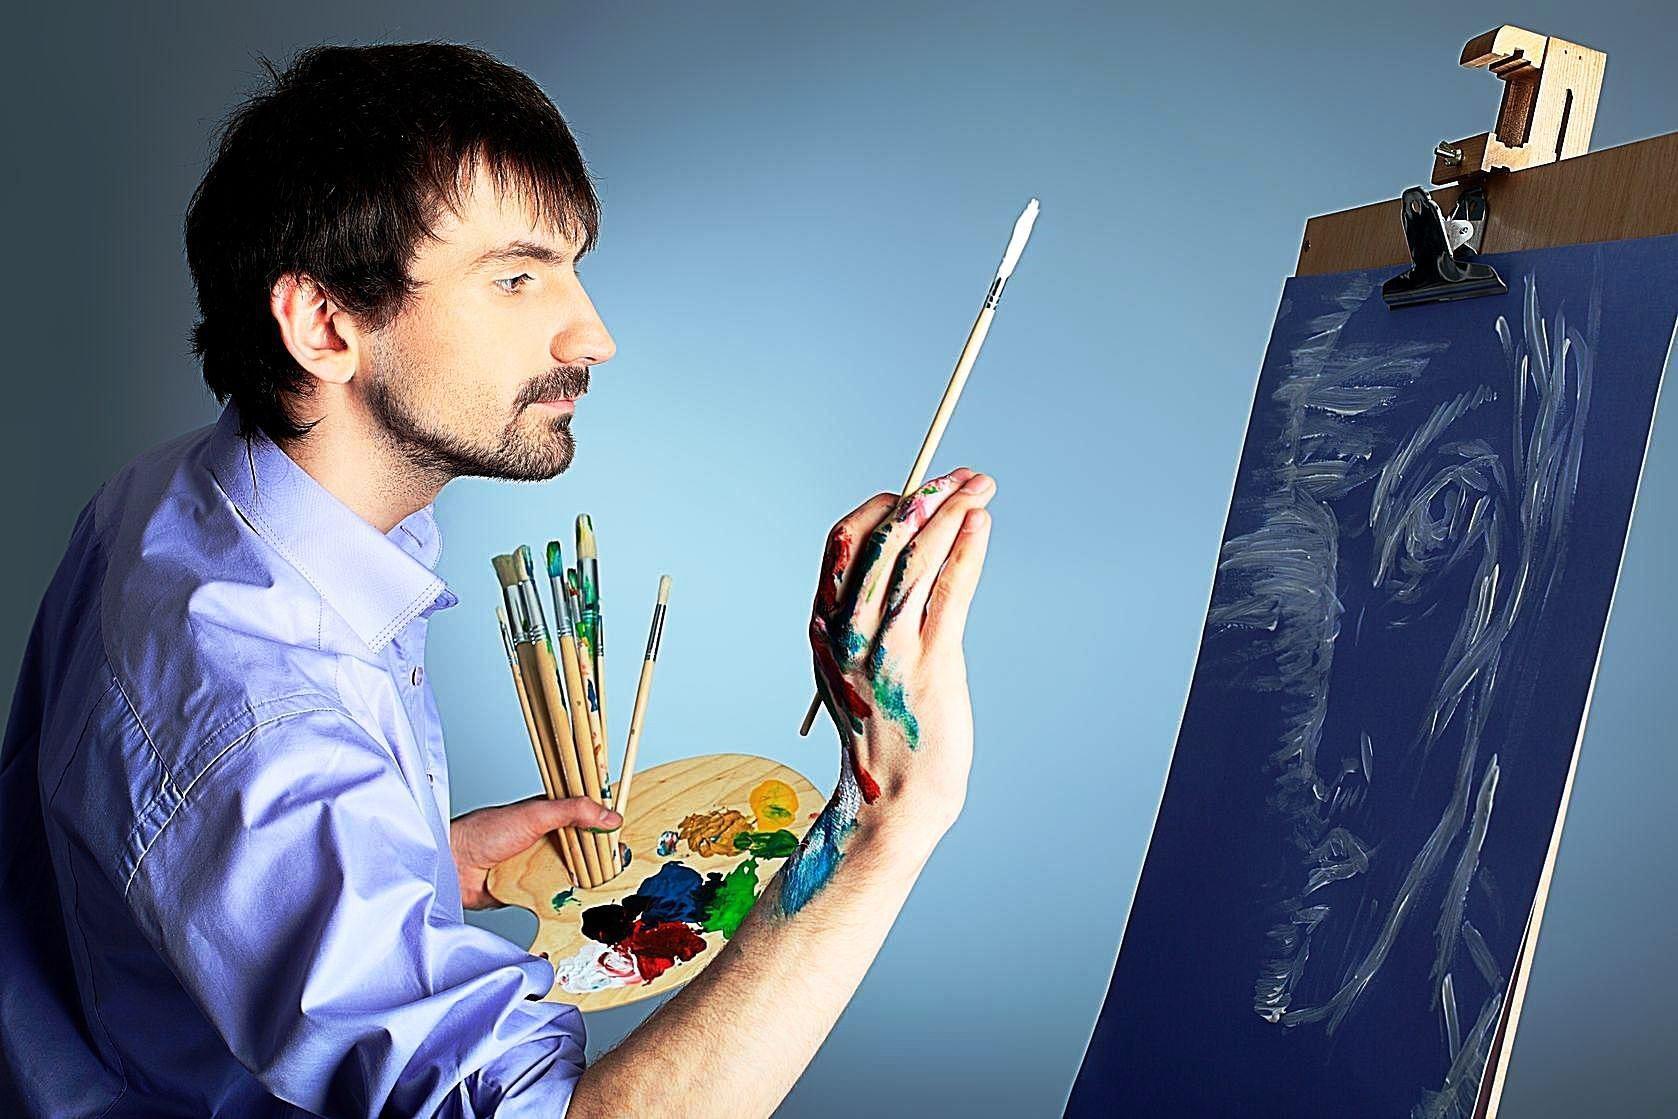 Канал Таланта или Мастерства. Дизайн Таланта